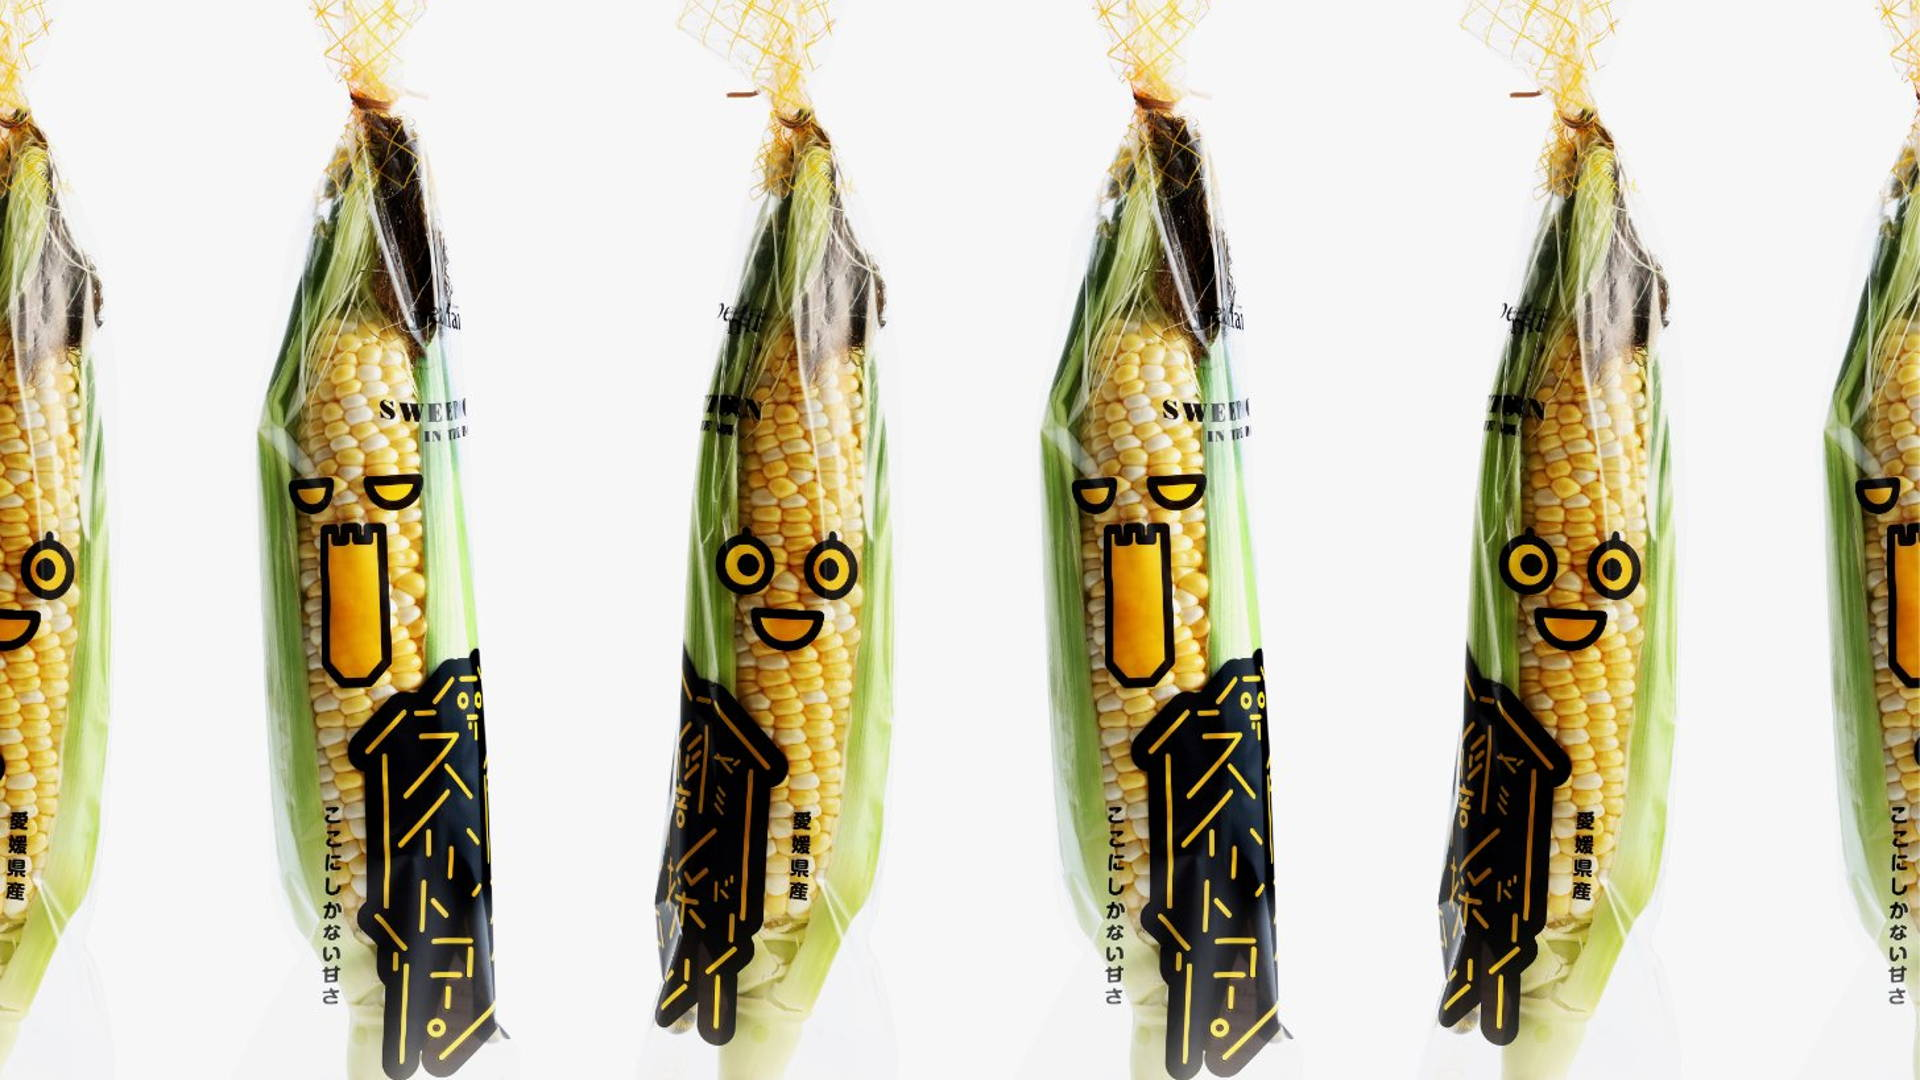 这样的甜玉米包装一点也不老土